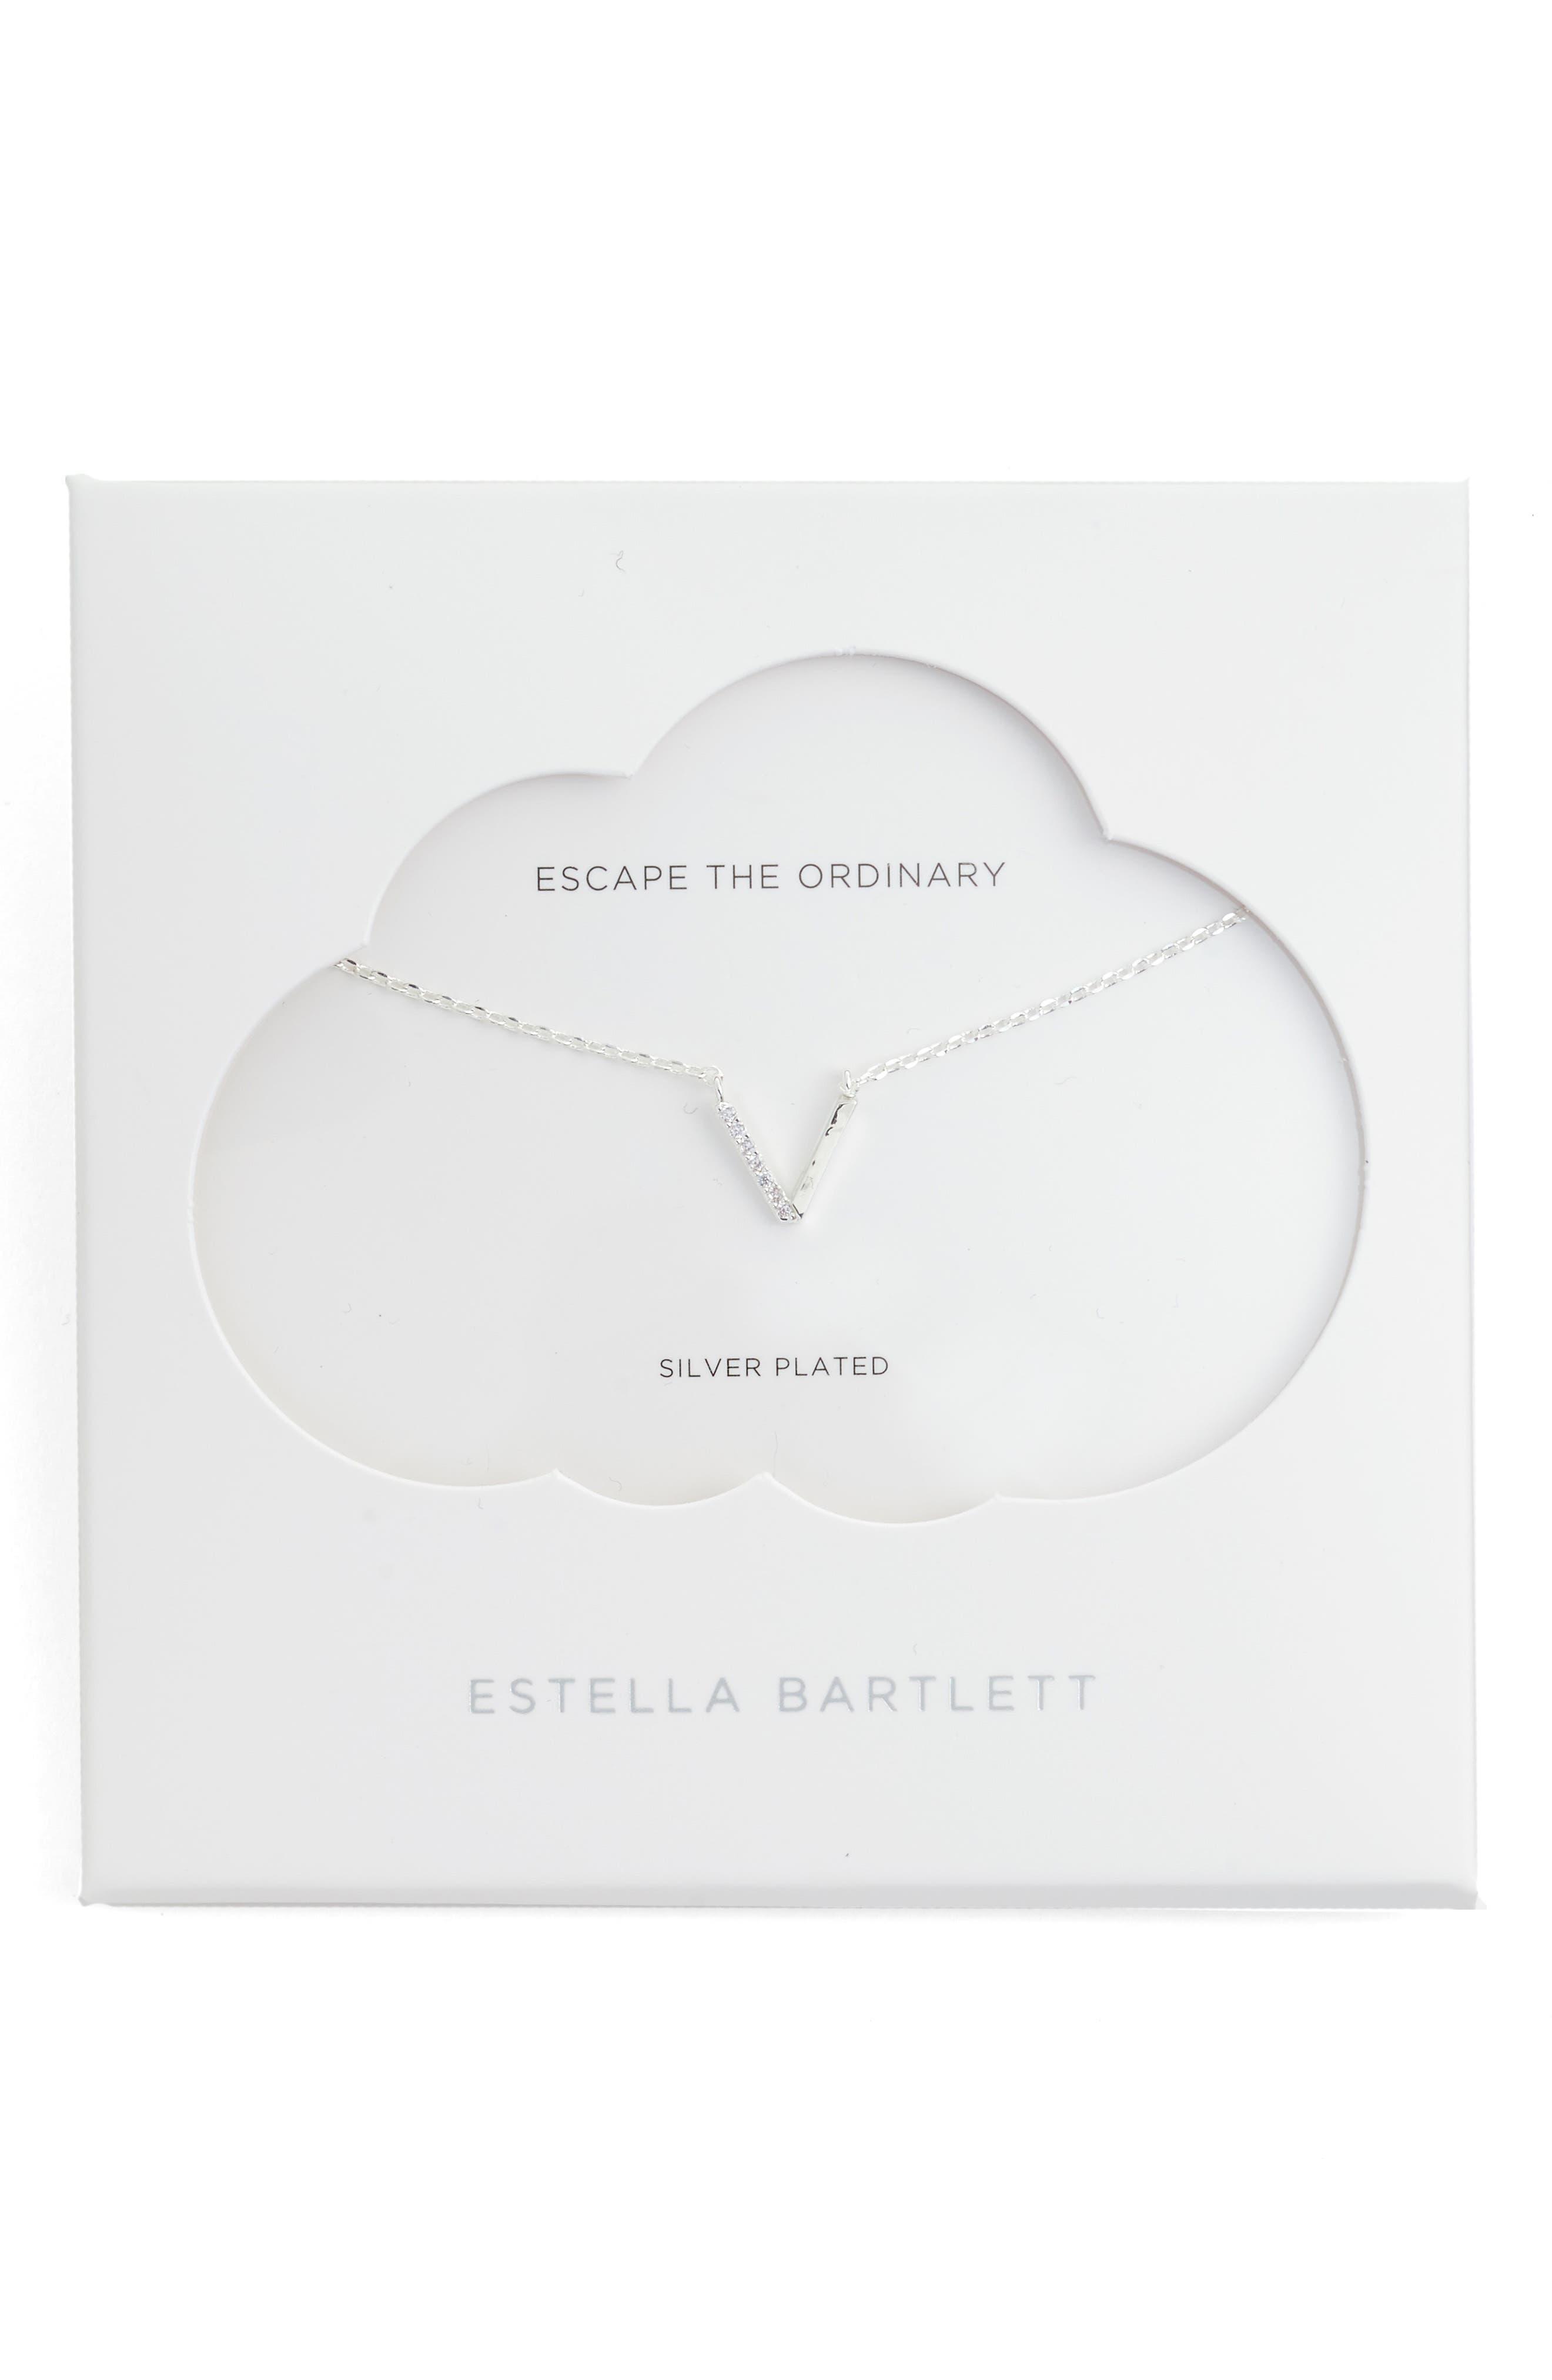 Estella Bartlett Escape the Ordinary Necklace